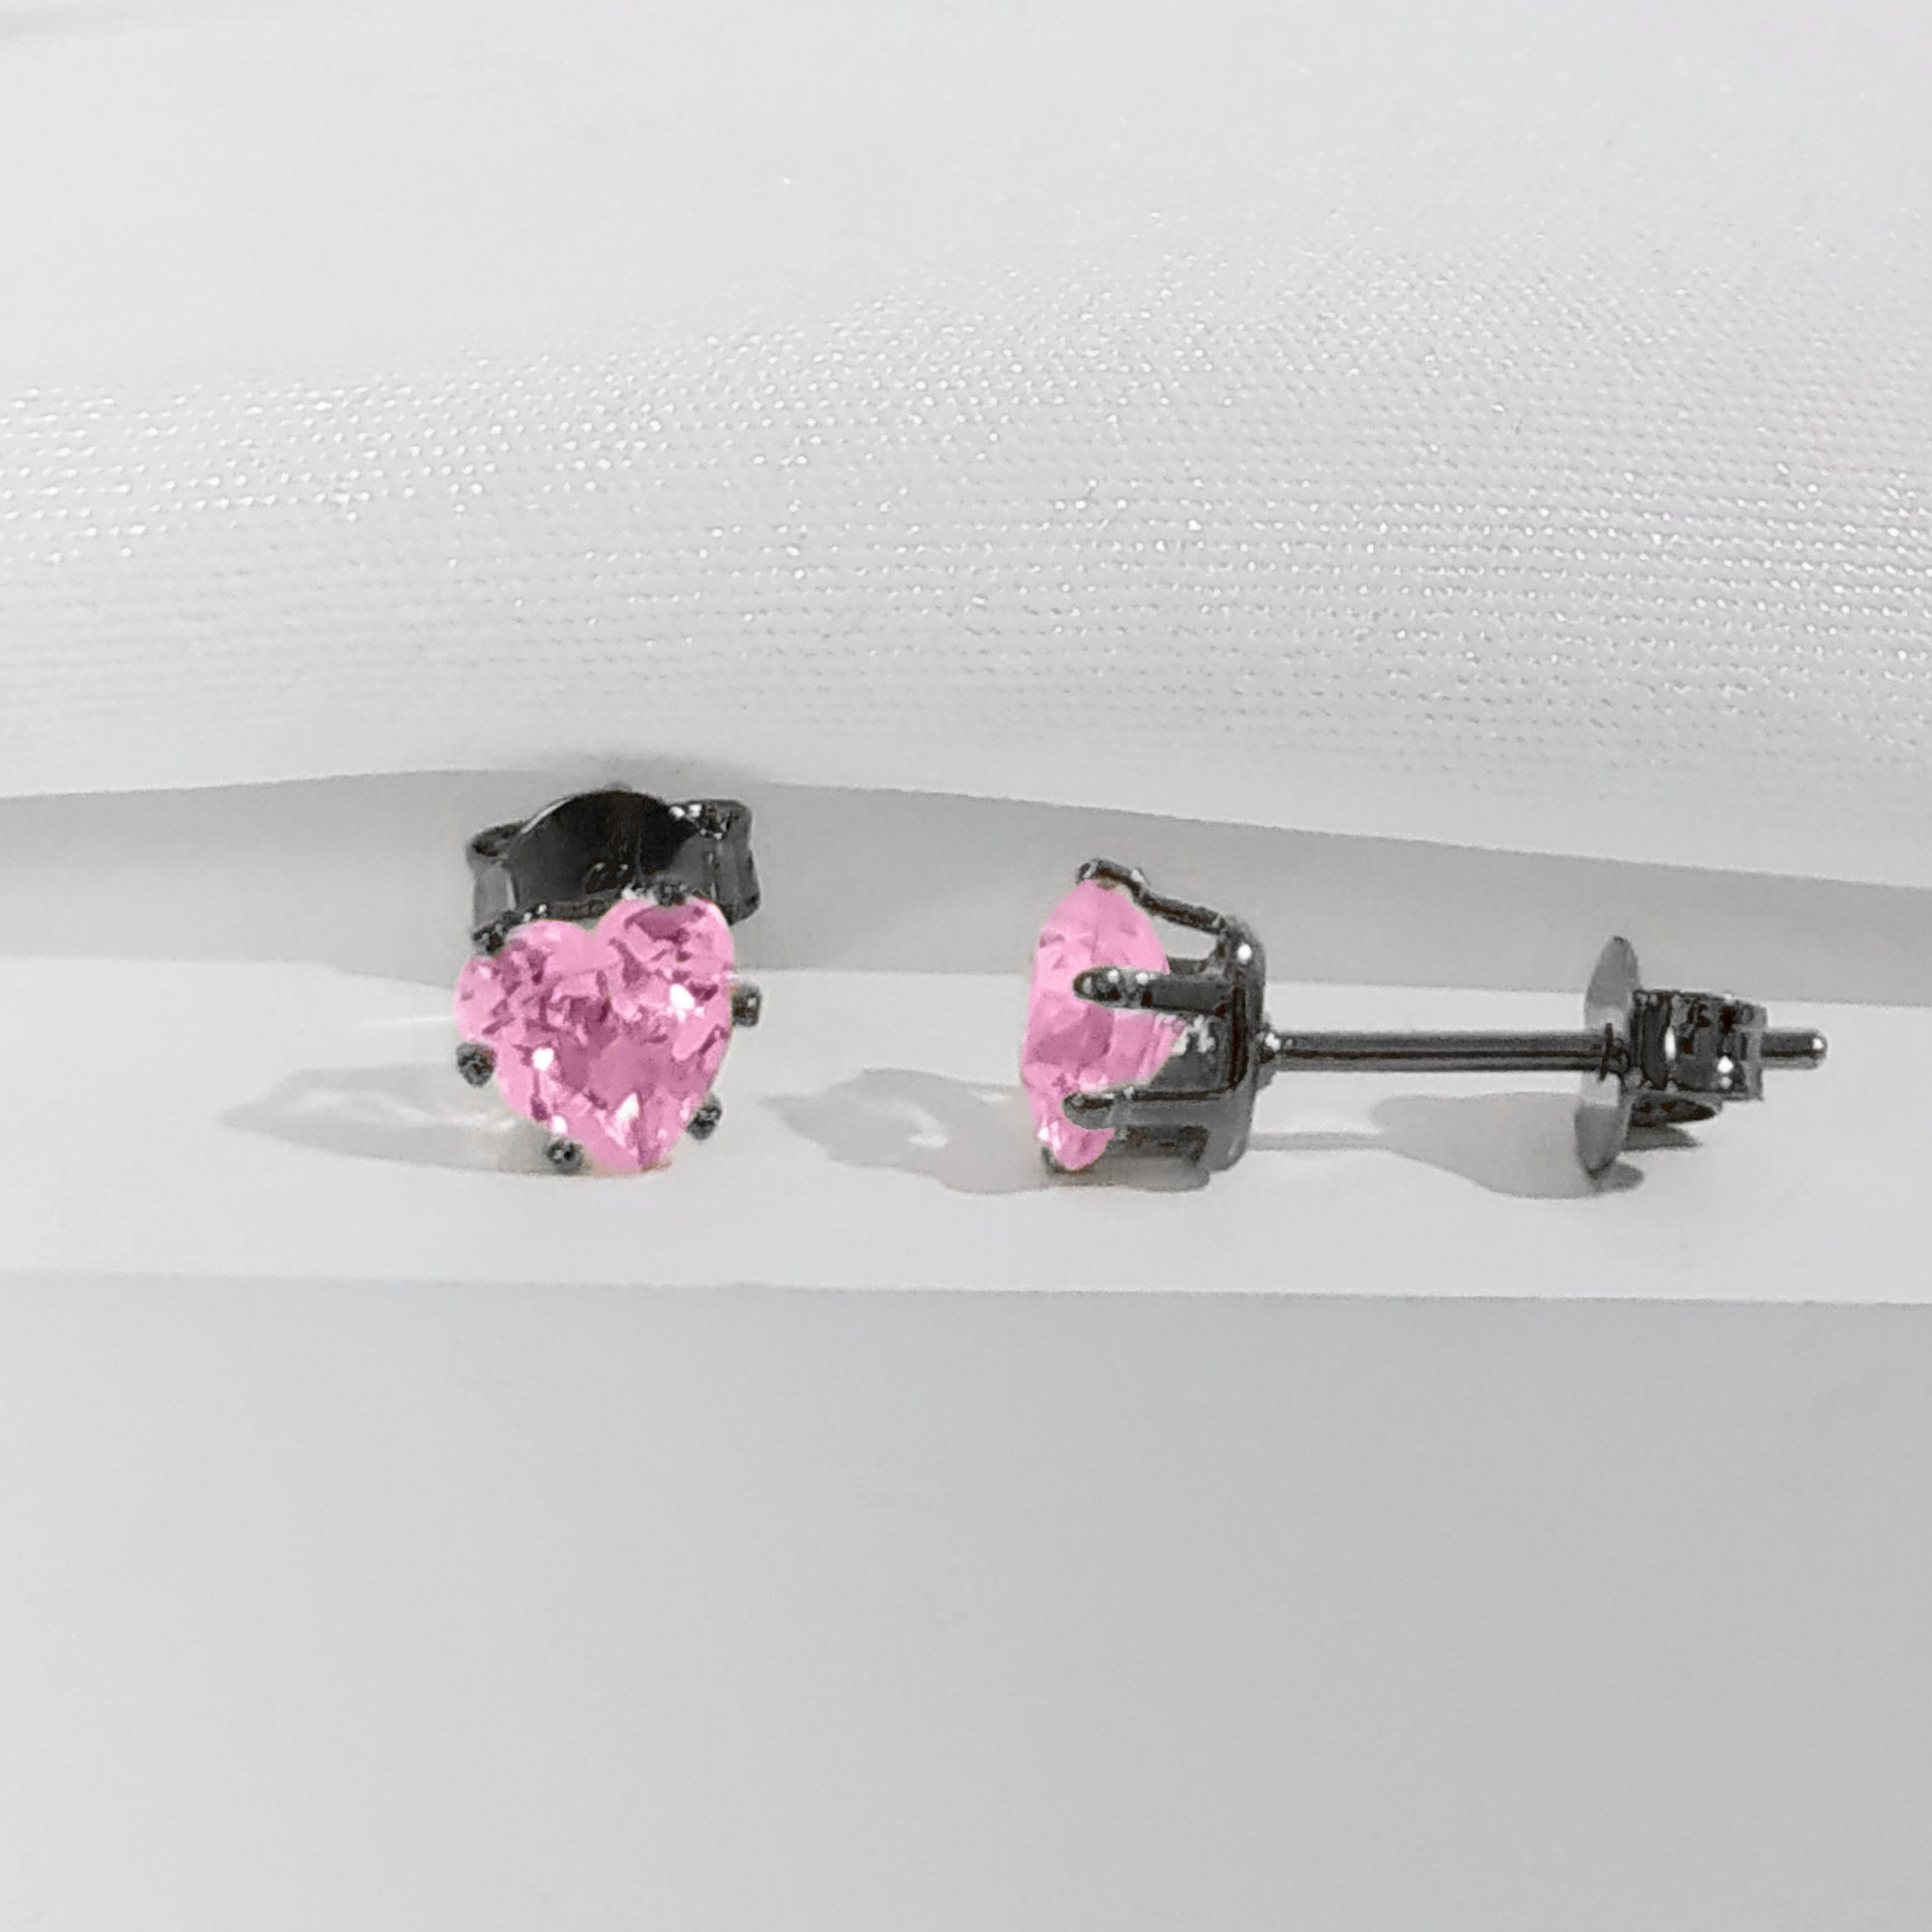 Brinco Pequeno Coração com Zircônia 6mm Banho Ródio Negro  - Lunozê Joias